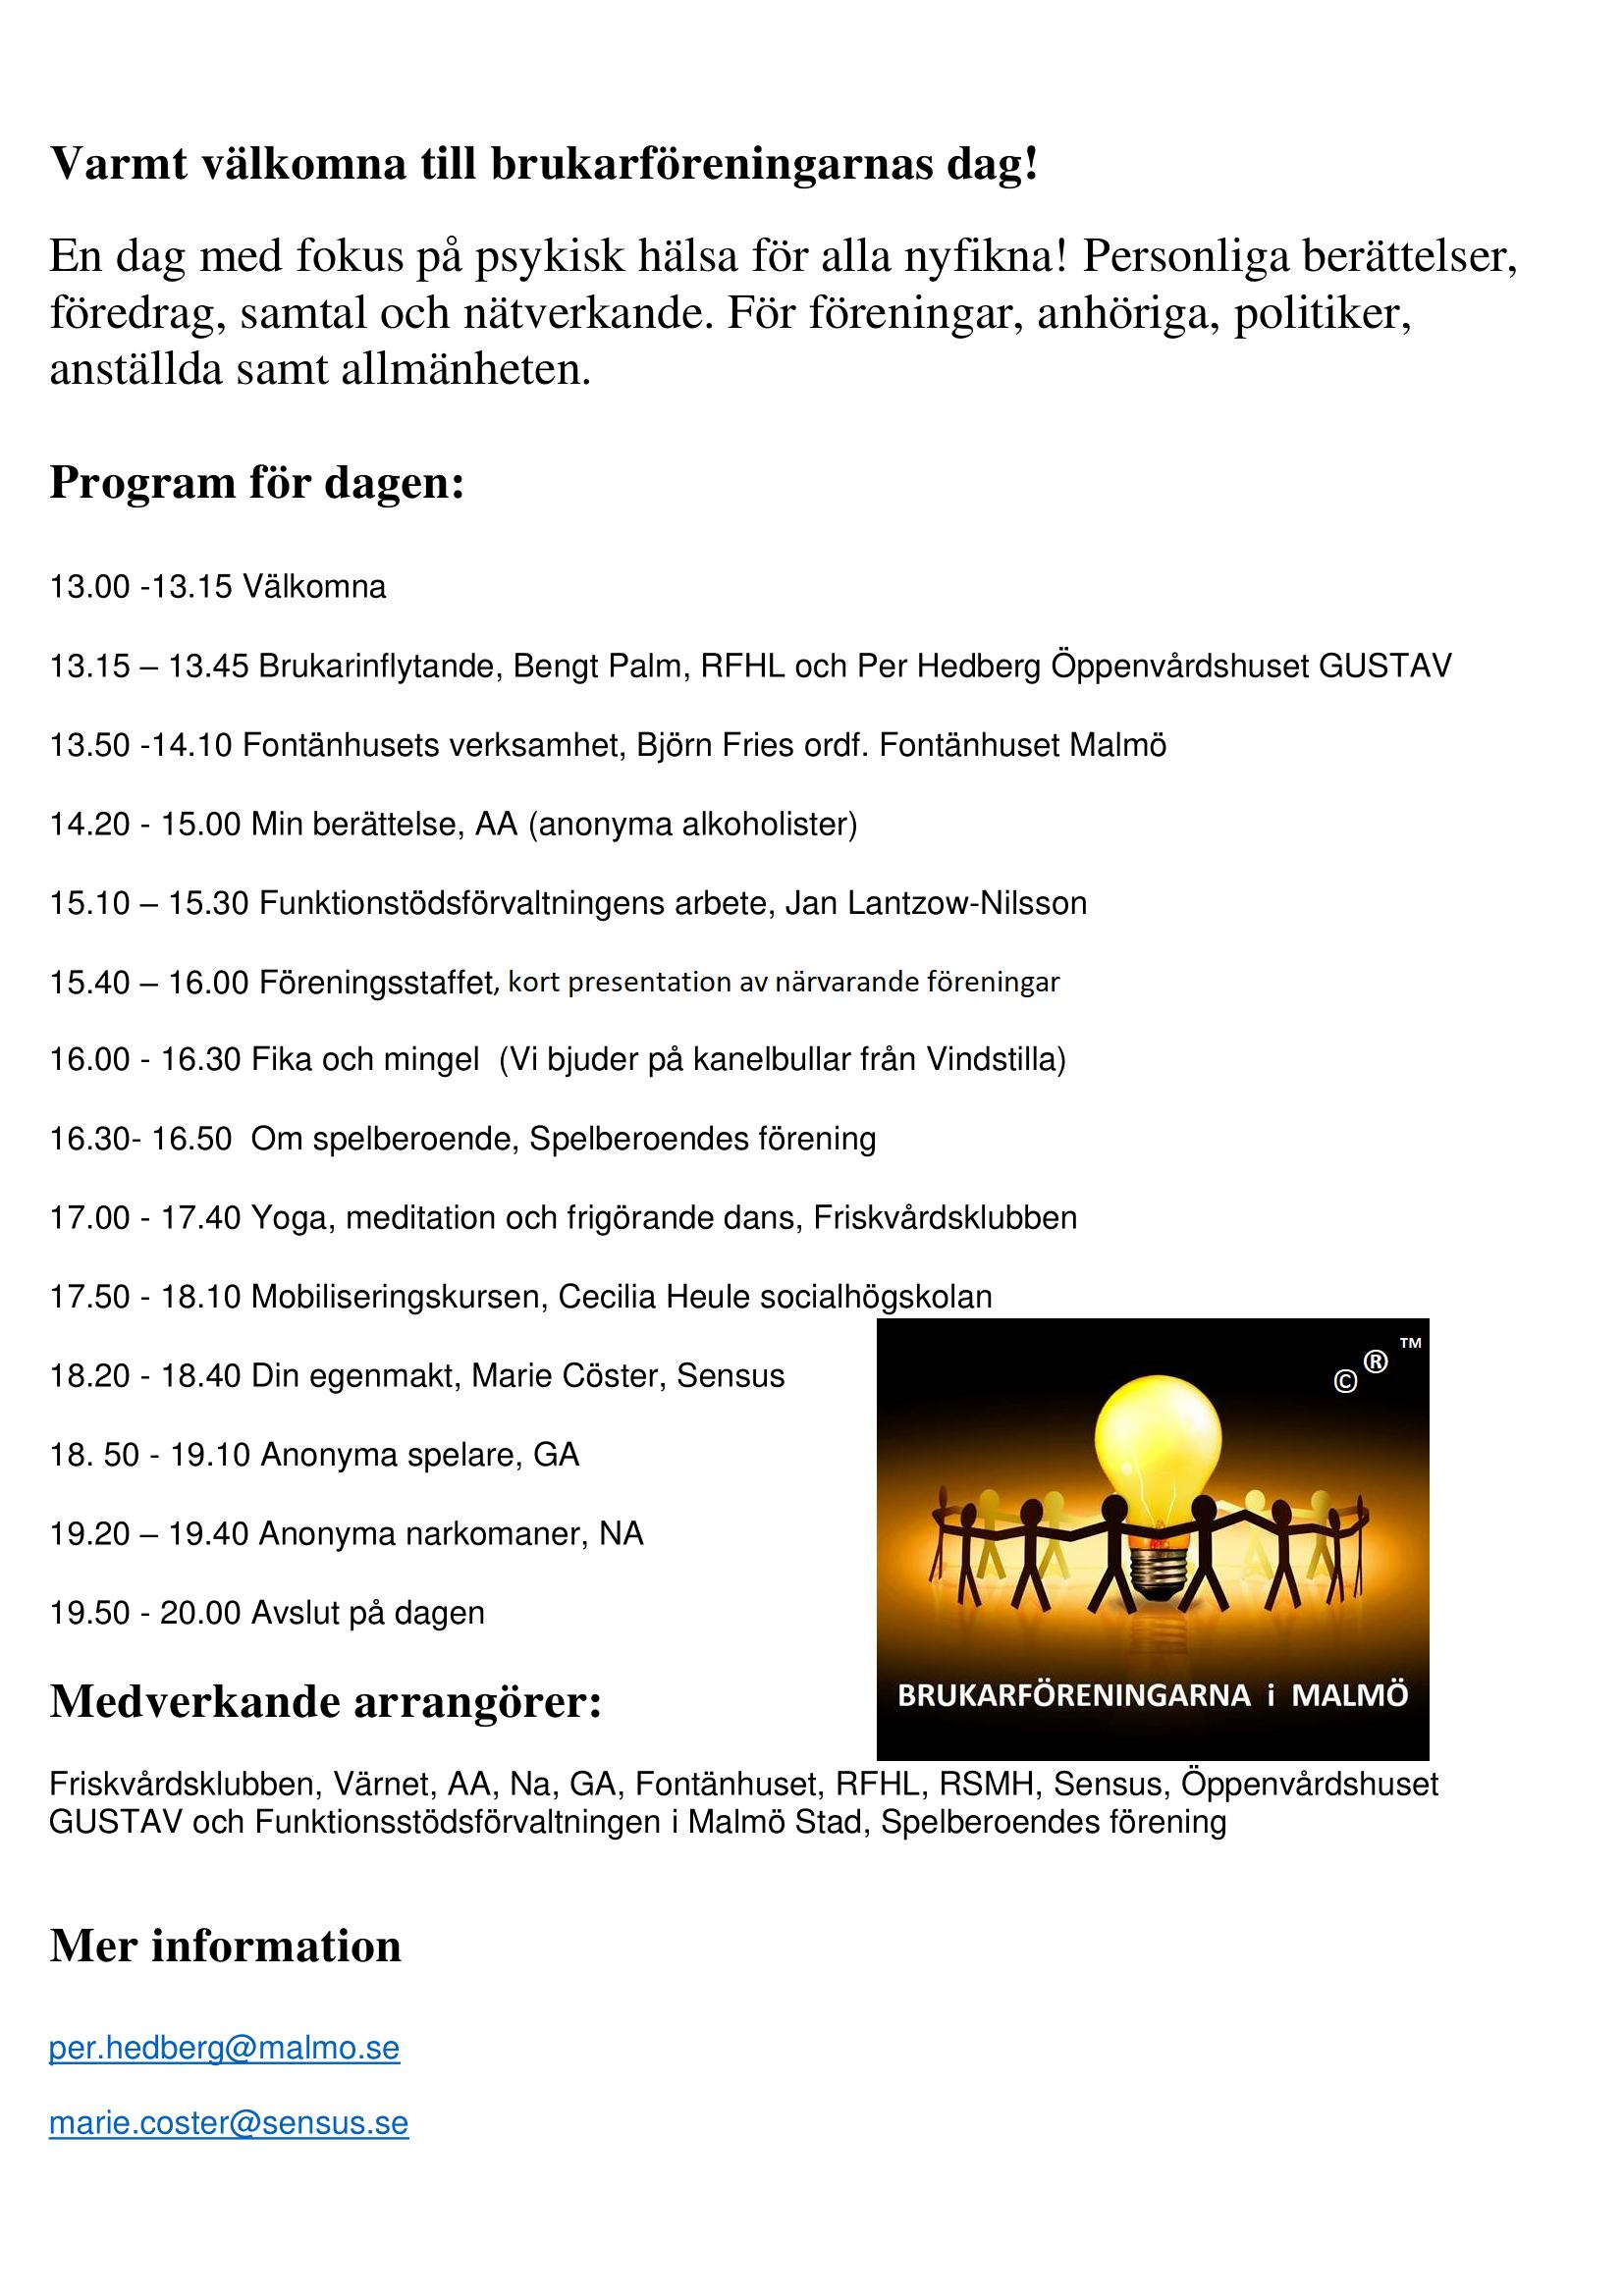 program förena förändra förbättra. Brukarföreningarnas Dag 15 maj 2019 hos SENSUS i Malmö. Studentgatan 2 mitt emot Hansacompaniet!